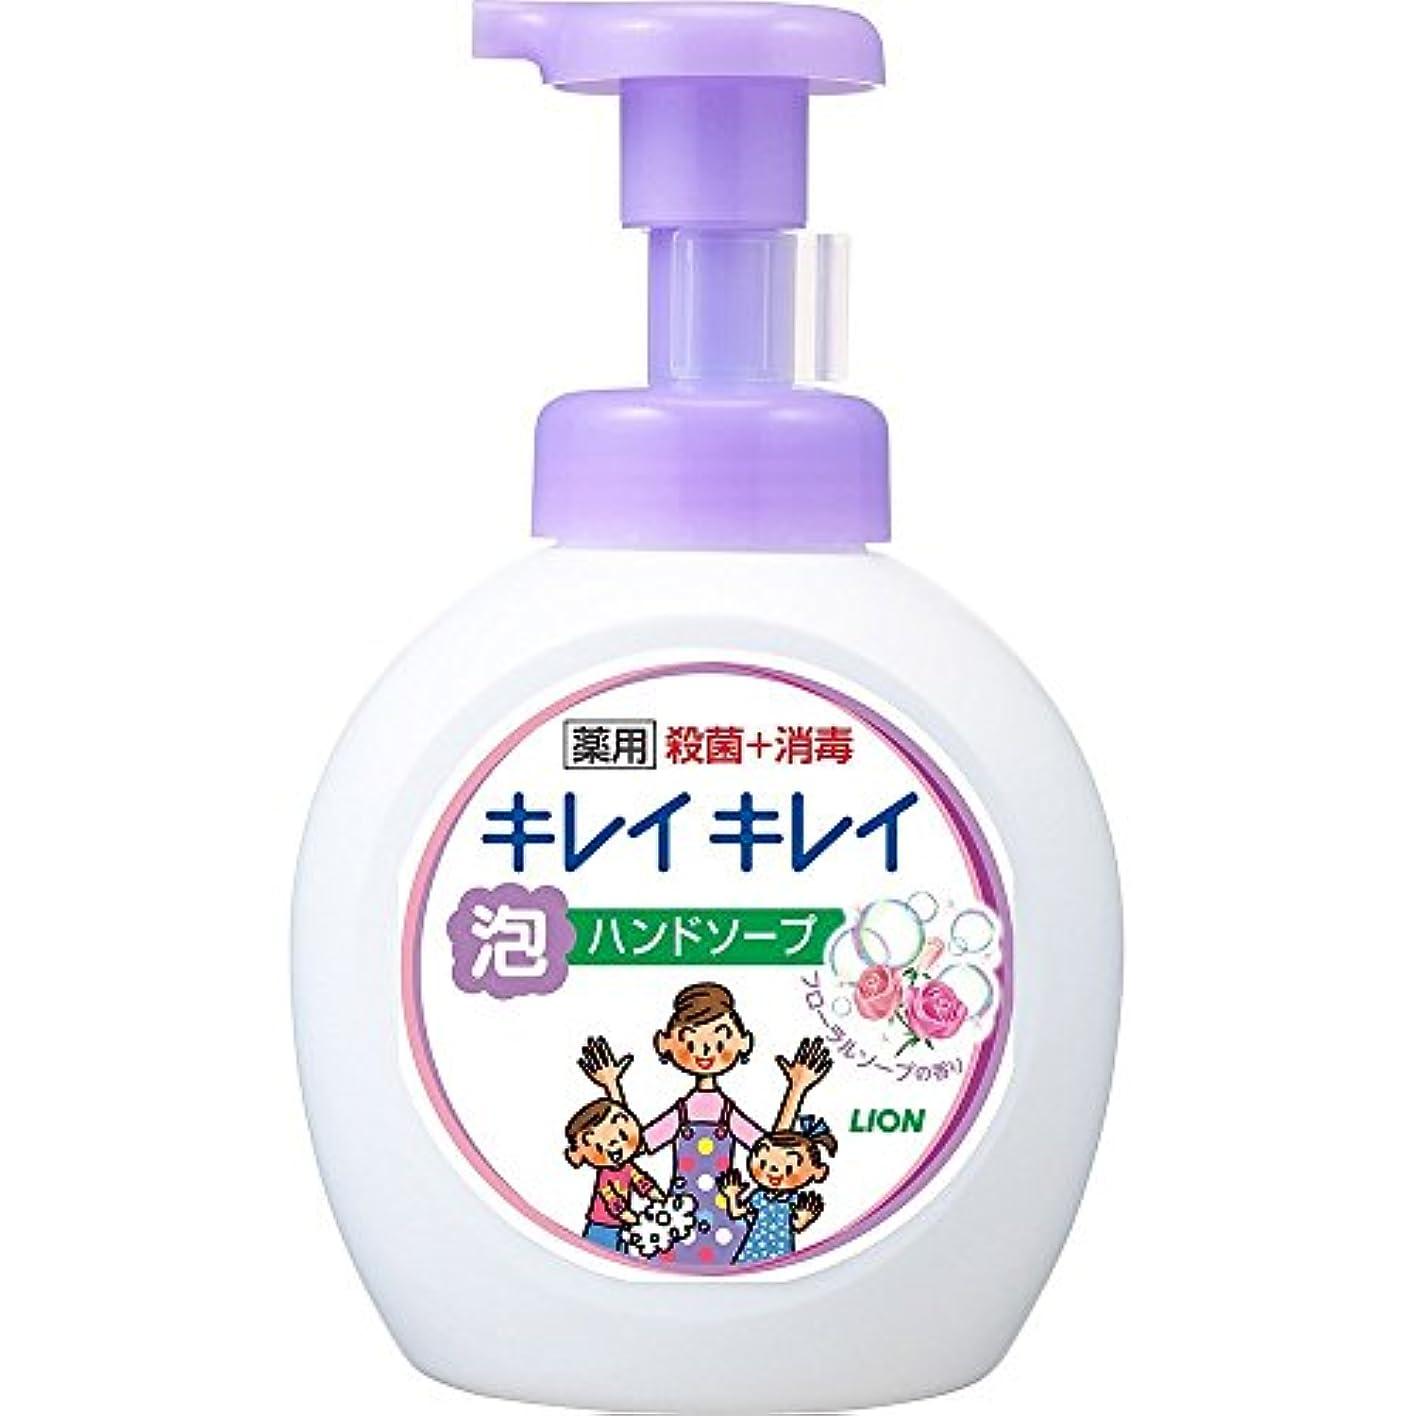 アミューズモーテル件名キレイキレイ 薬用 泡ハンドソープ フローラルソープの香り 本体ポンプ 大型サイズ 500ml(医薬部外品)